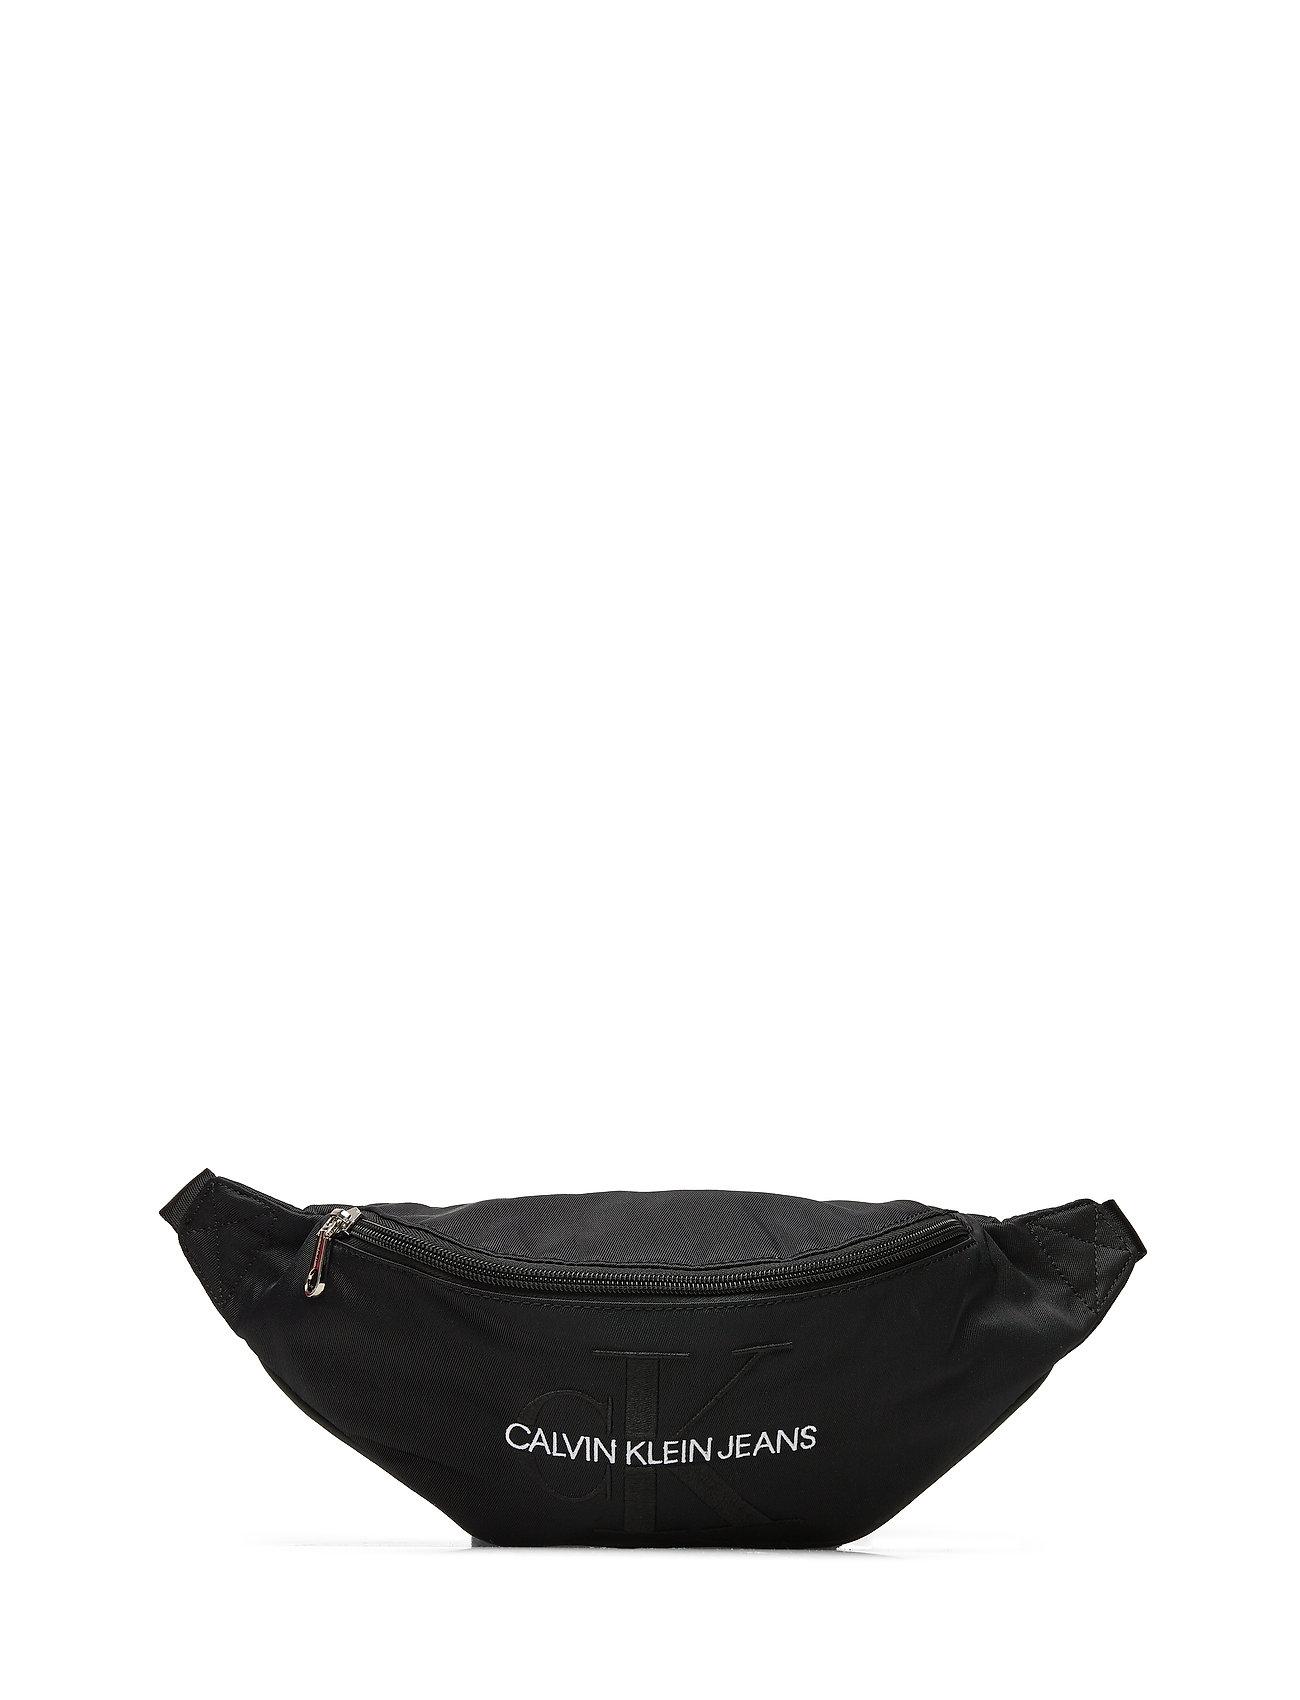 Calvin Klein CKJ MONOGRAM NYLON STREET PACK - BLACK